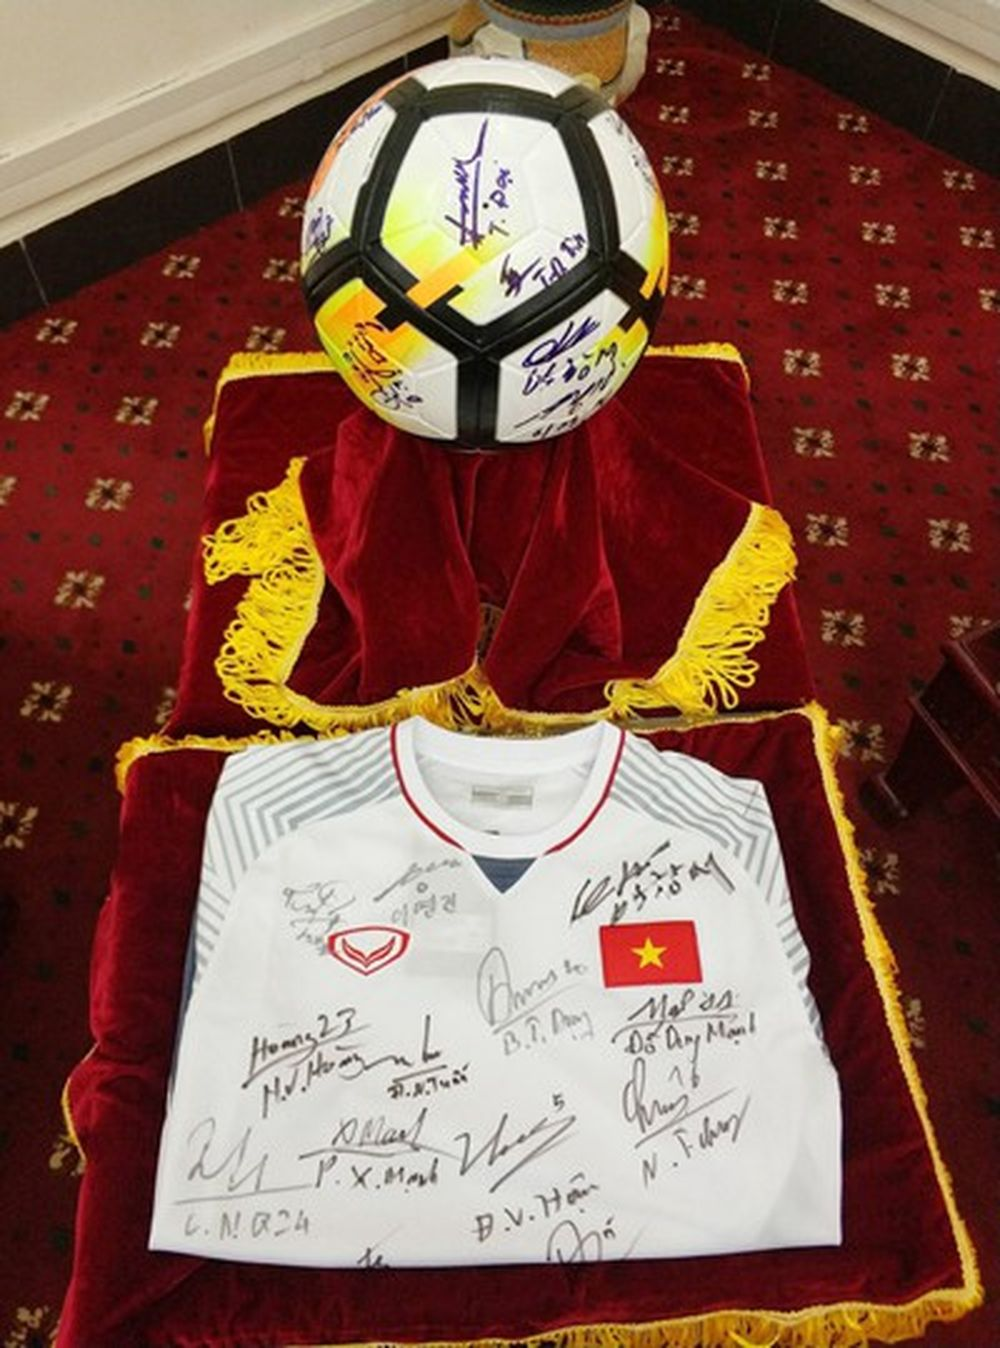 Quả bóng và áo đấu đội tuyển U23 tặng Thủ tướng - Ảnh: VTV